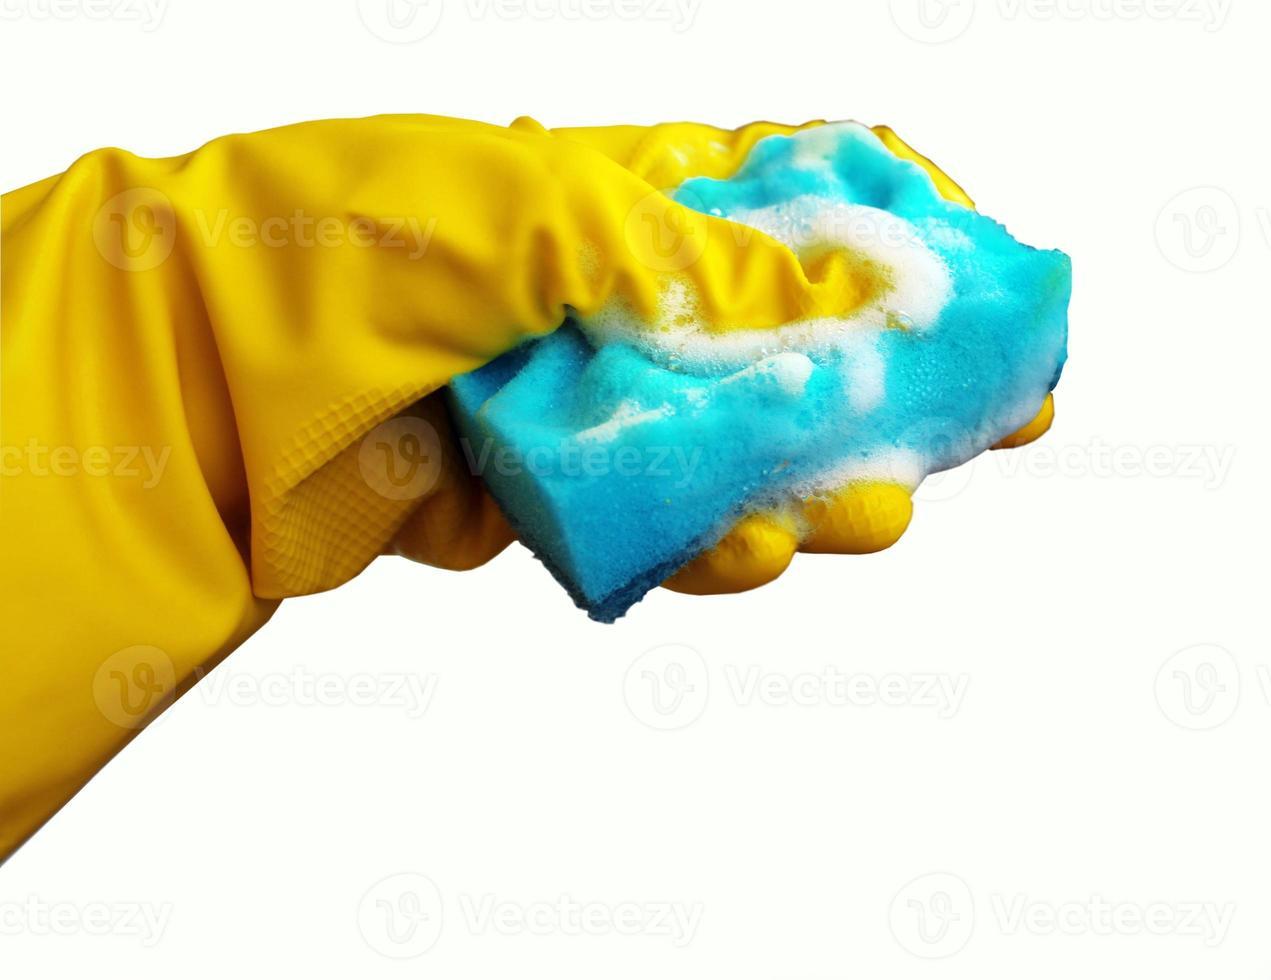 schoonmaakspons en beschermende rubberen handschoenen foto